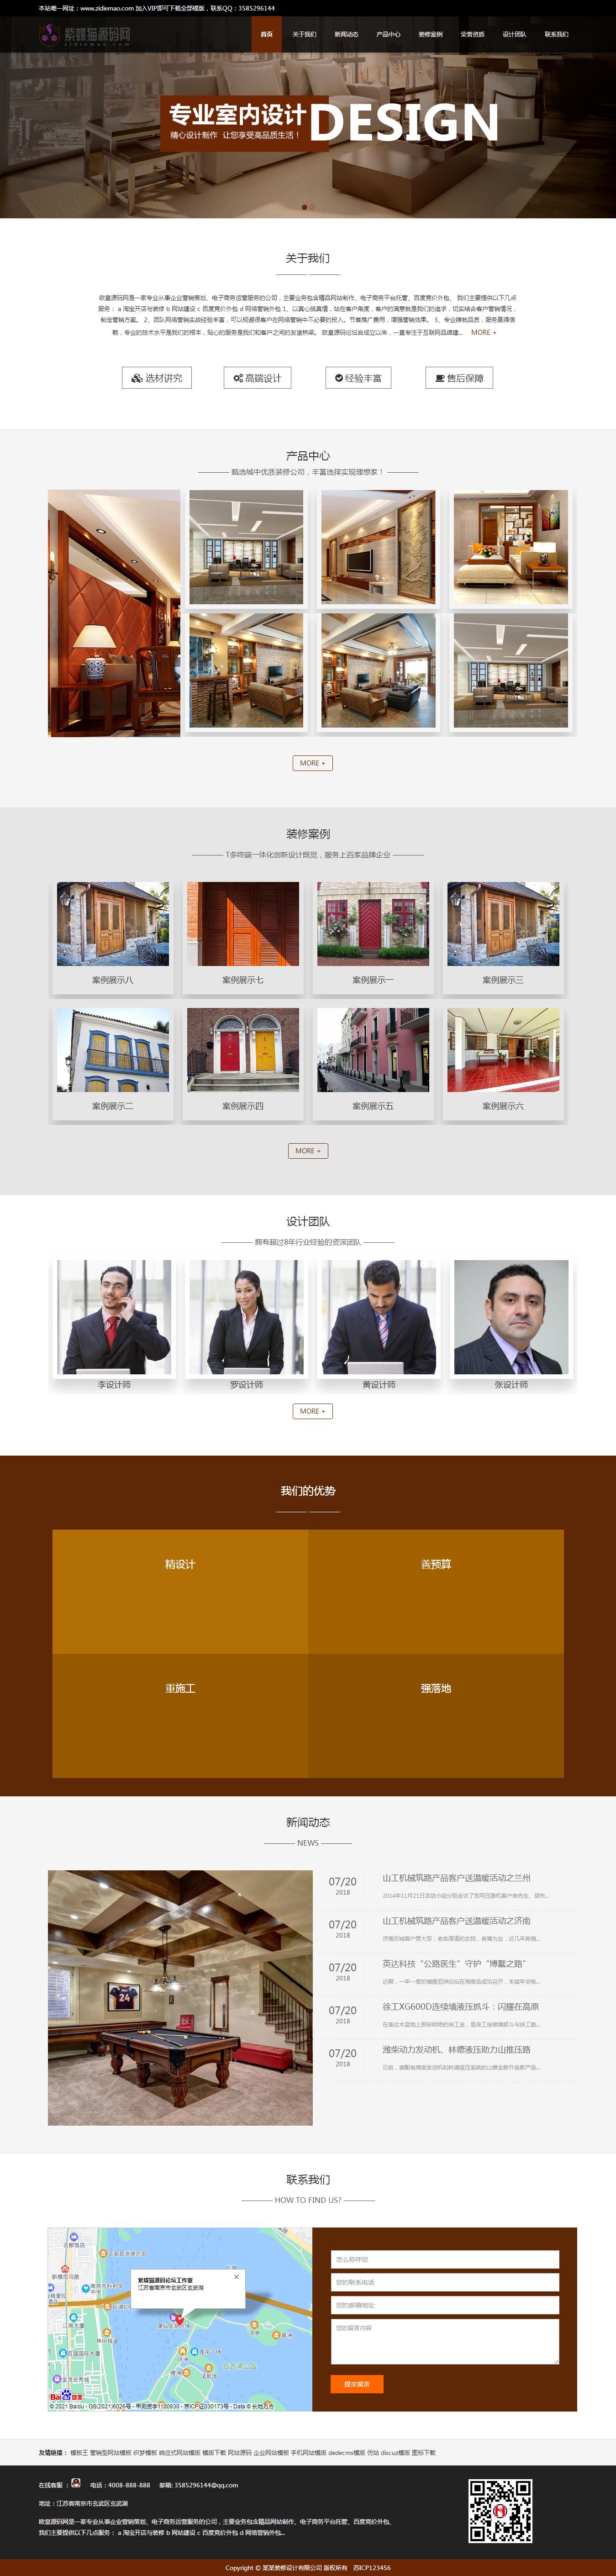 装修公司网站模板下载